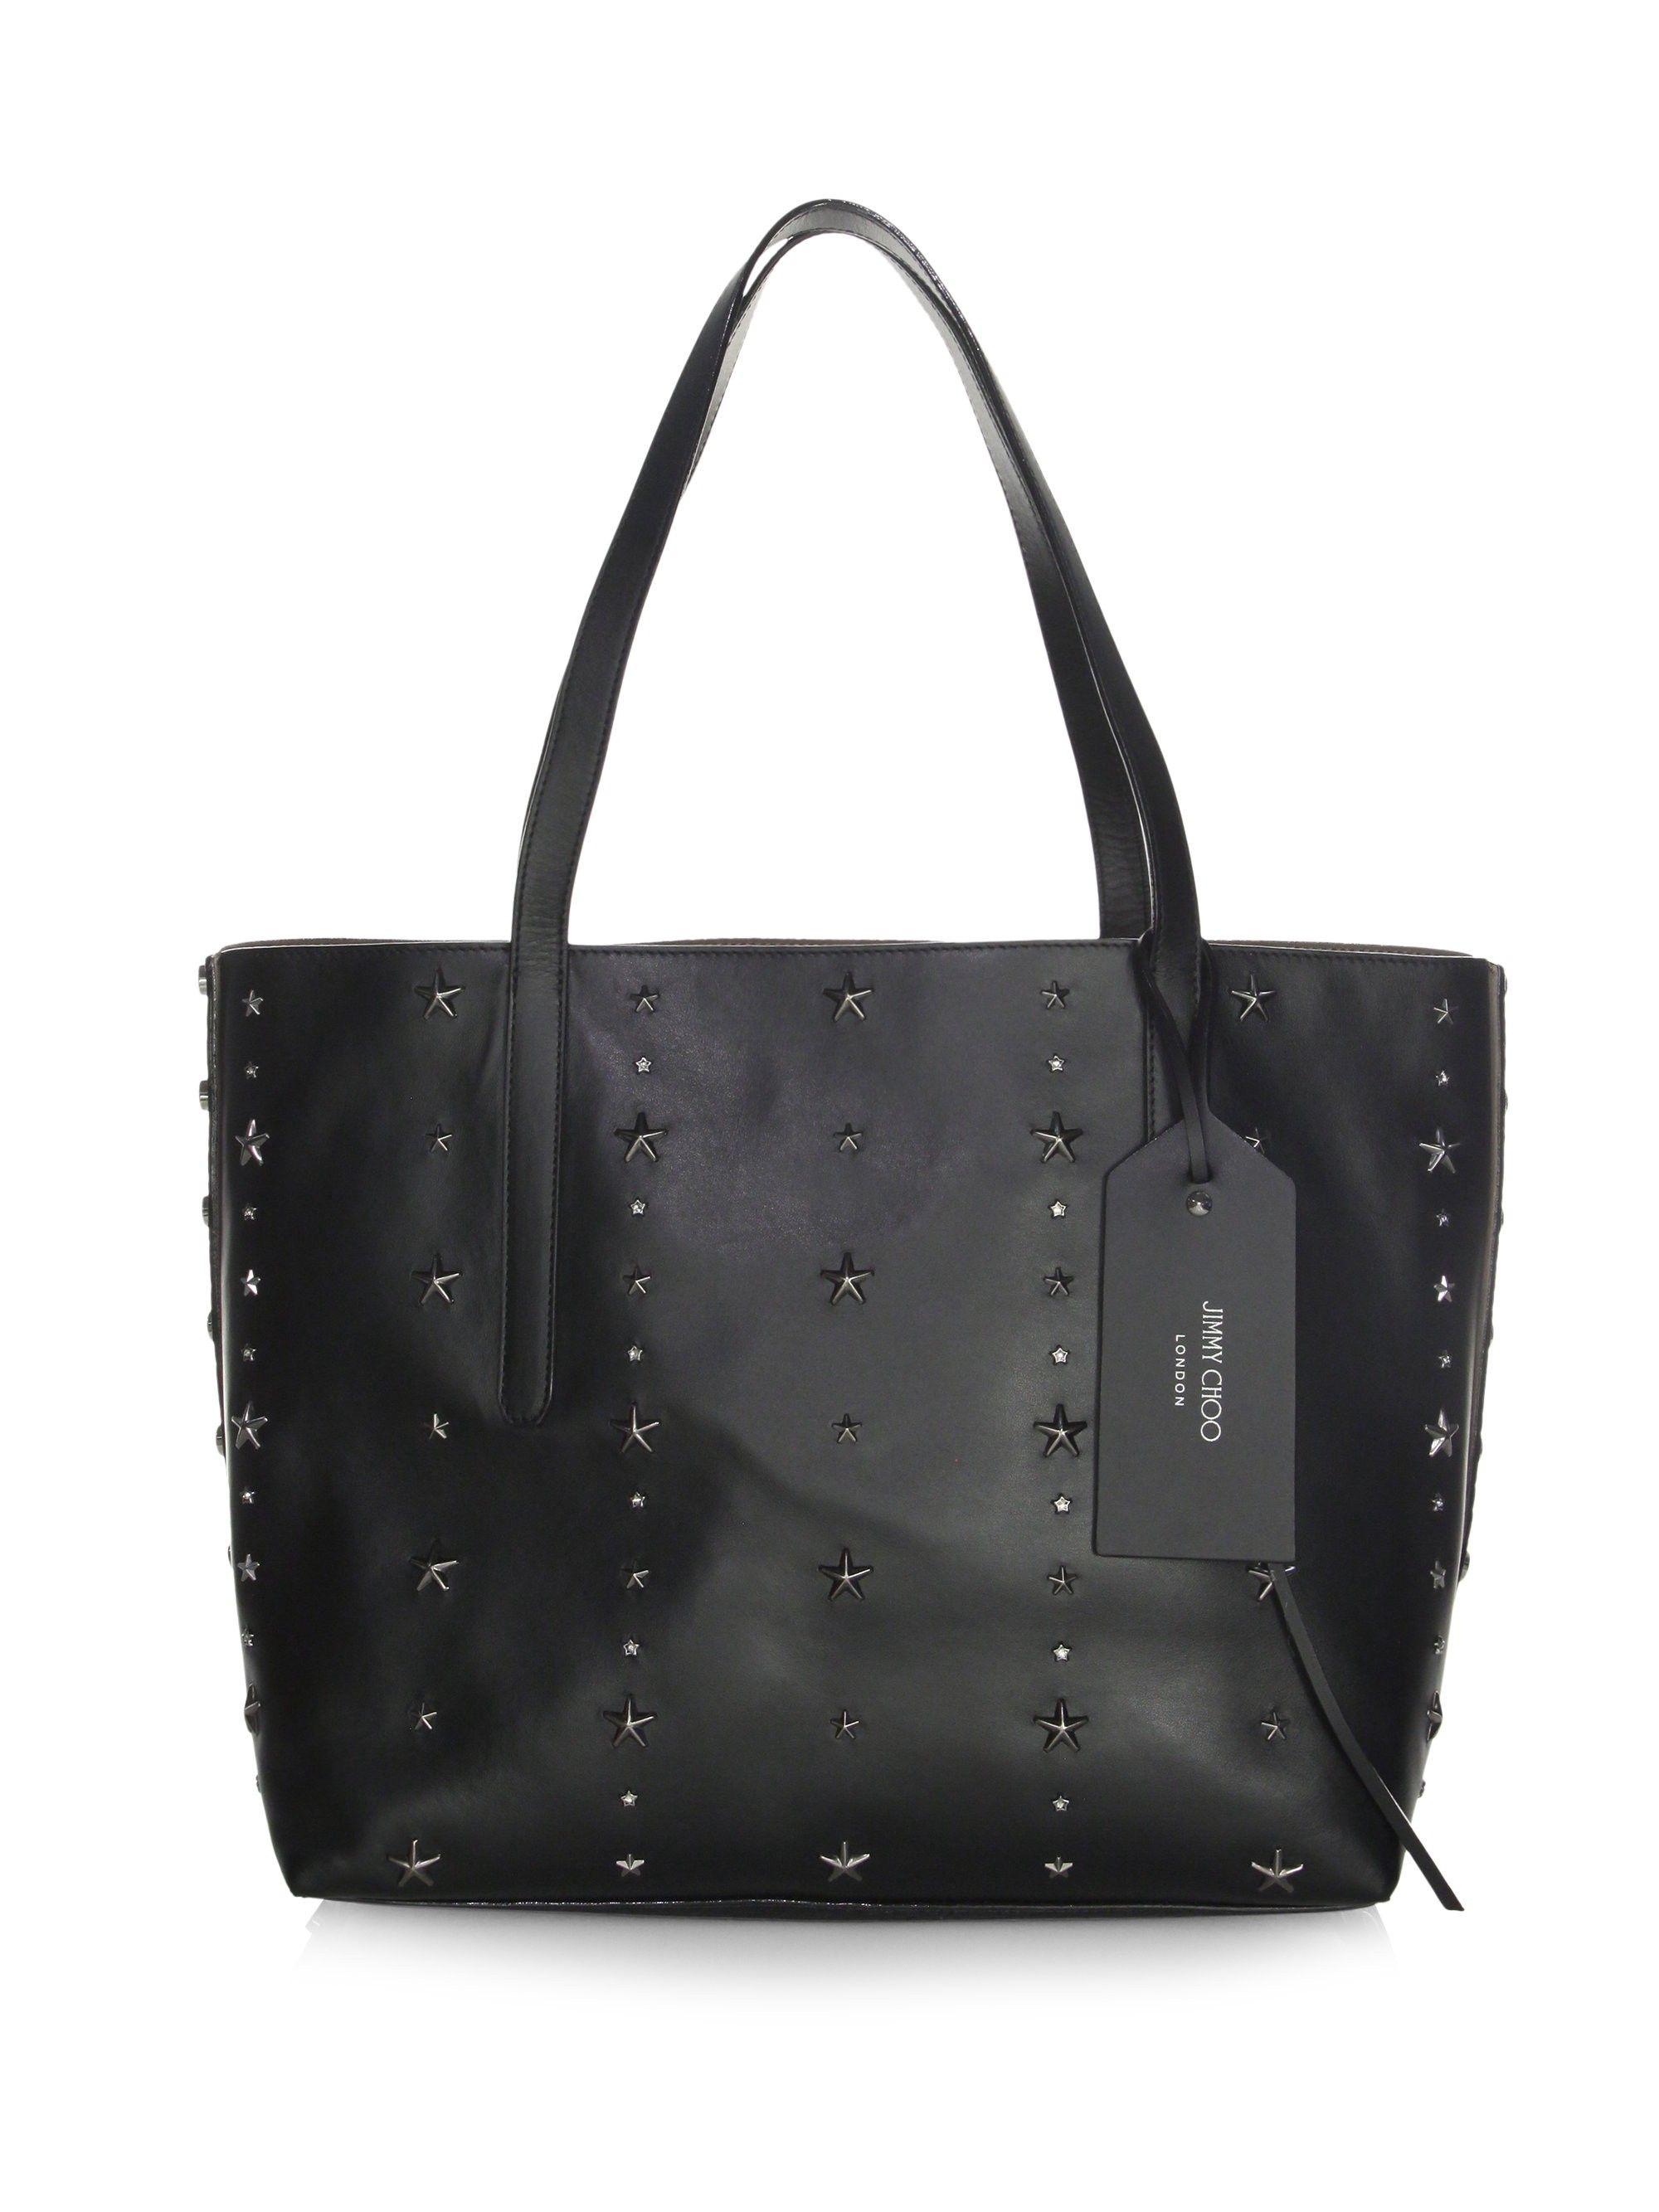 b5b327ff86a JIMMY CHOO .  jimmychoo  bags  leather  hand bags  tote